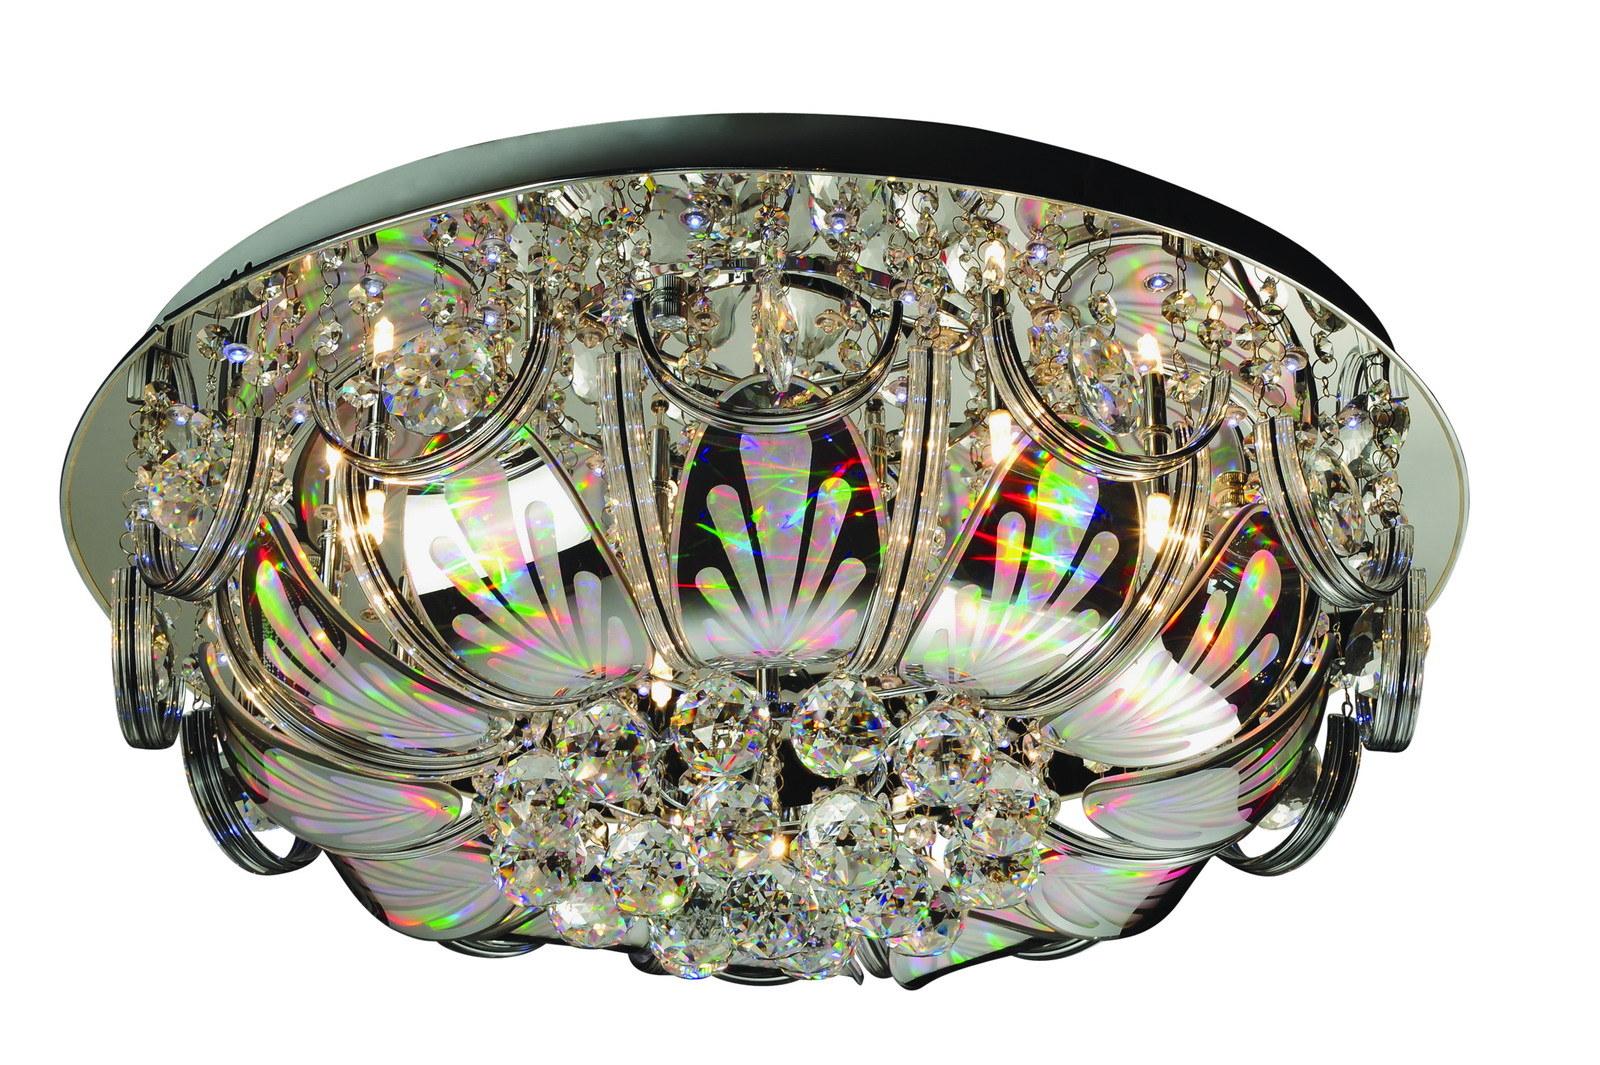 Люстра МАКСИСВЕТЛюстры<br>Назначение светильника: для гостиной,<br>Стиль светильника: классика,<br>Тип: потолочная,<br>Материал светильника: металл, стекло, хрусталь,<br>Материал арматуры: металл,<br>Диаметр: 600,<br>Высота: 240,<br>Количество ламп: 16,<br>Тип лампы: галогенные и светодиодные,<br>Мощность: 20,<br>Патрон: G4,<br>Пульт ДУ: есть,<br>Цвет арматуры: хром<br>